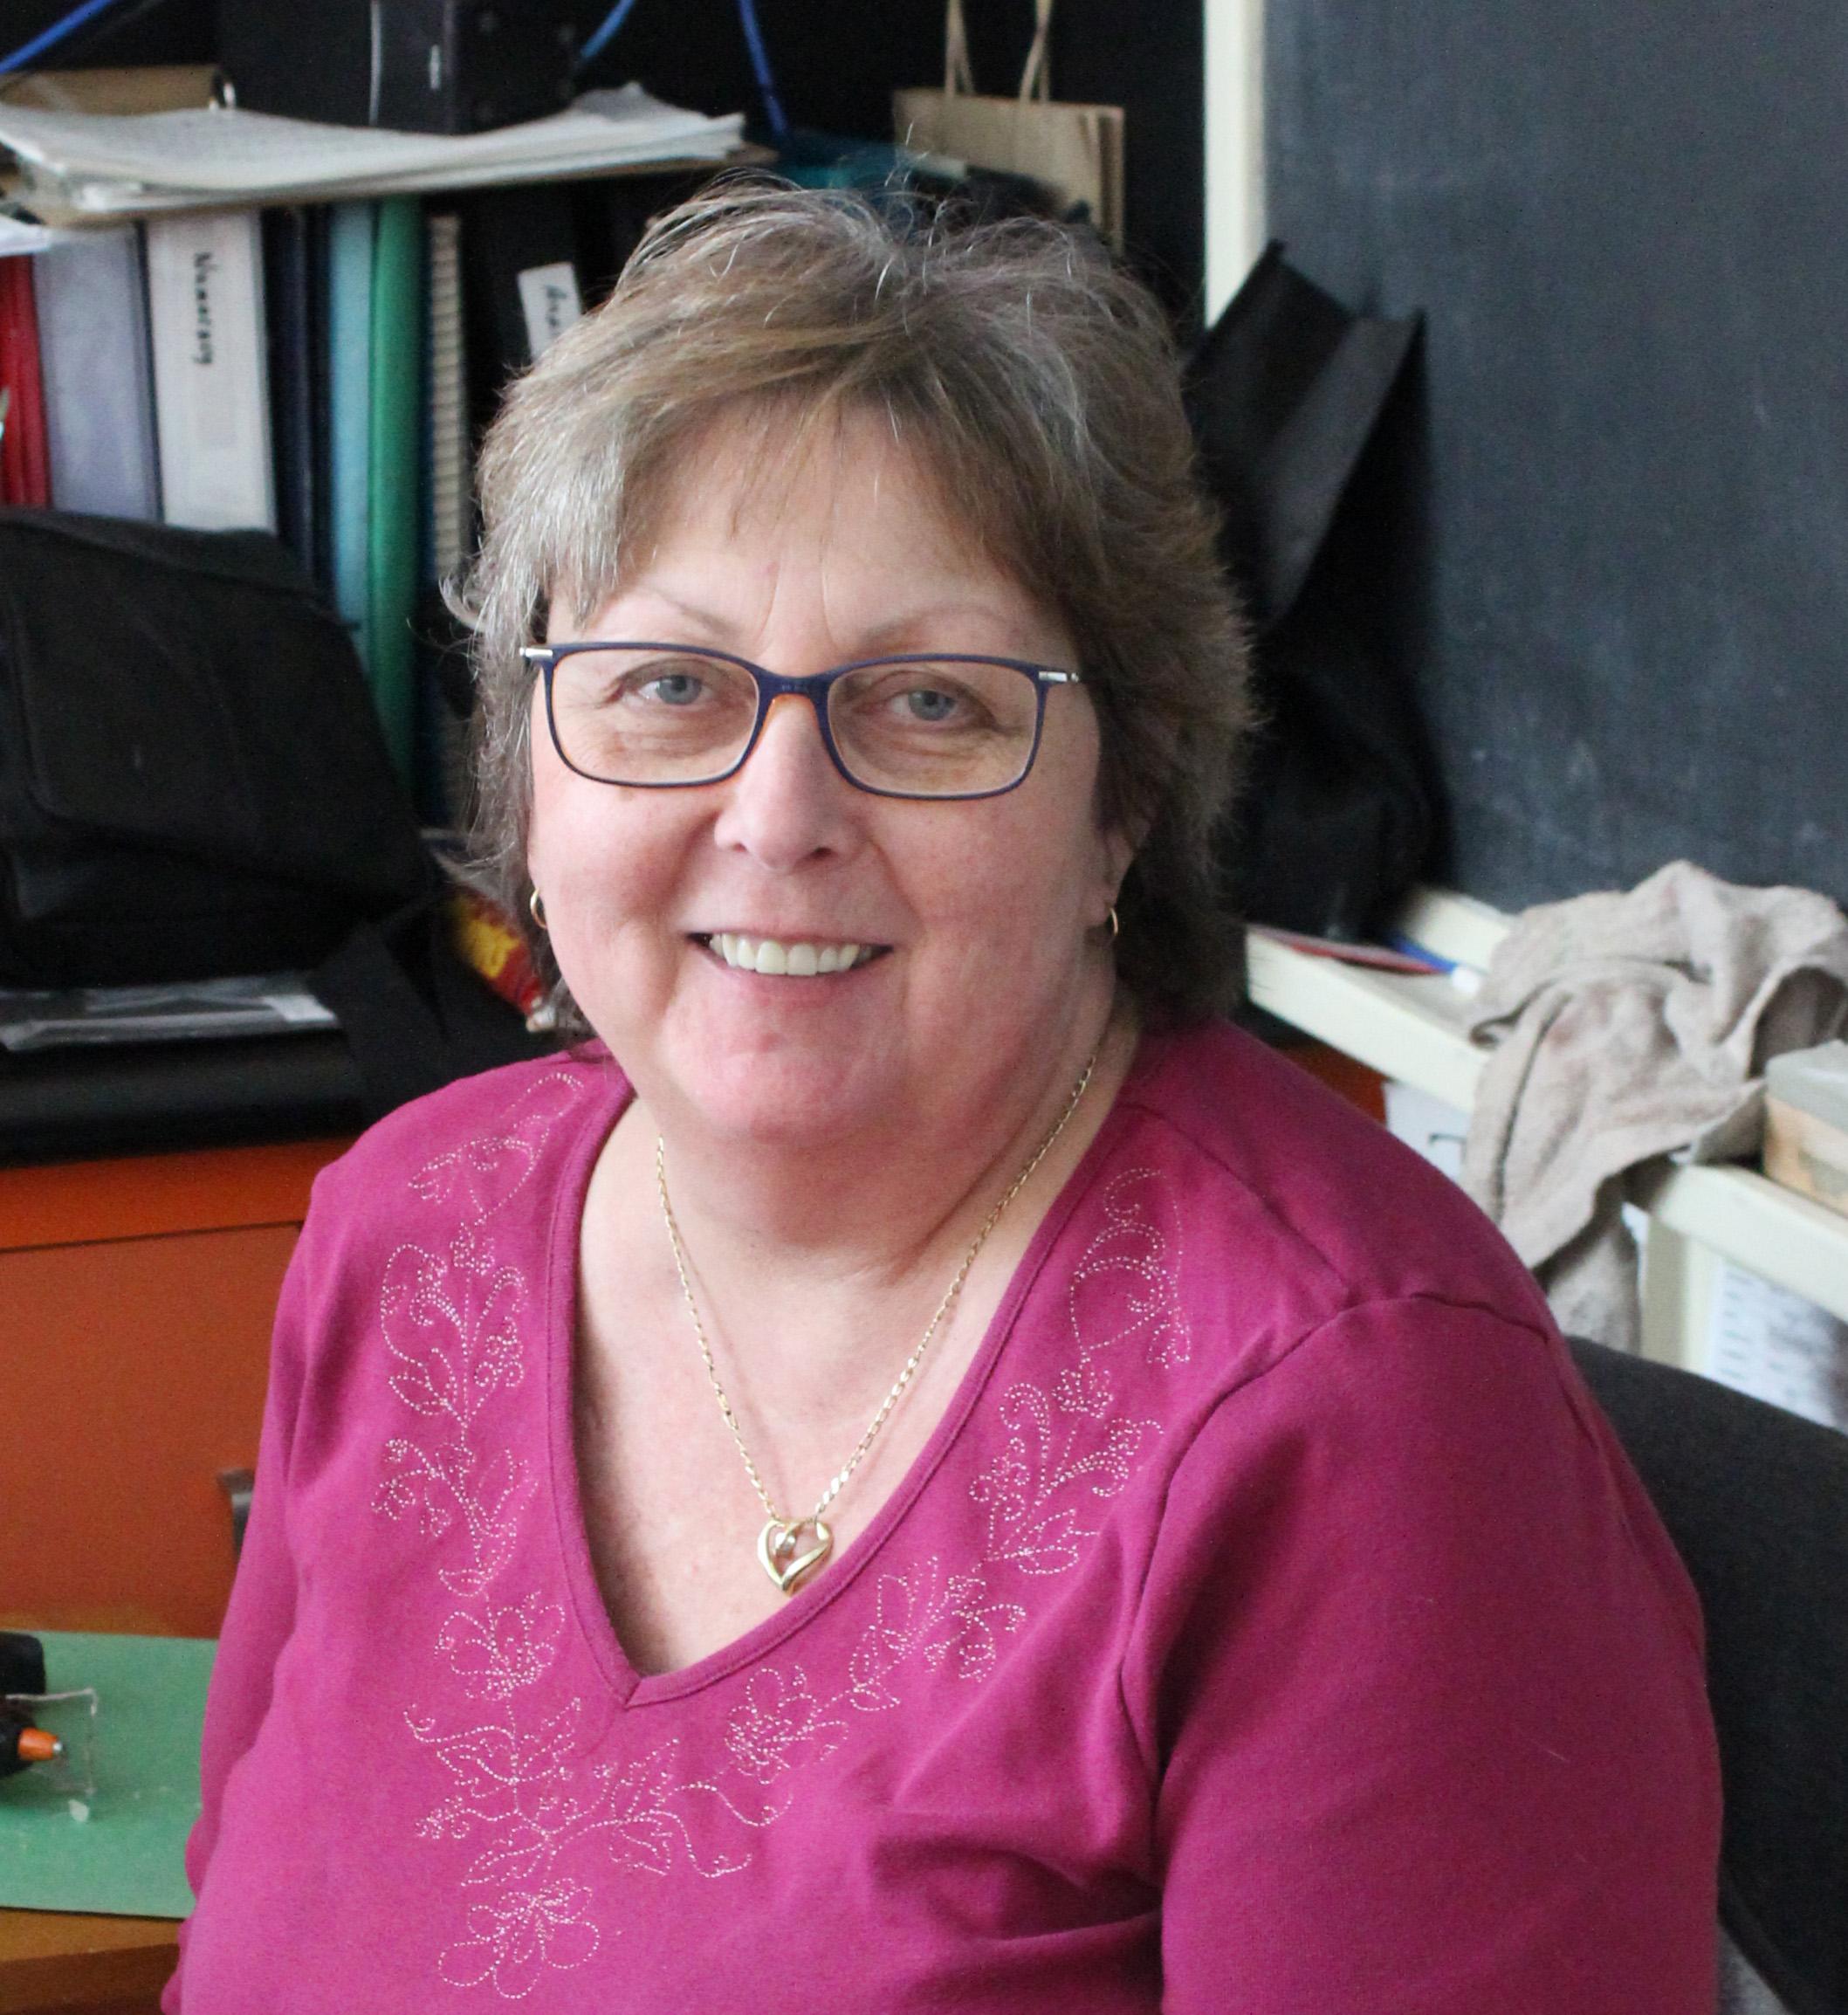 Mrs. Muskiluke